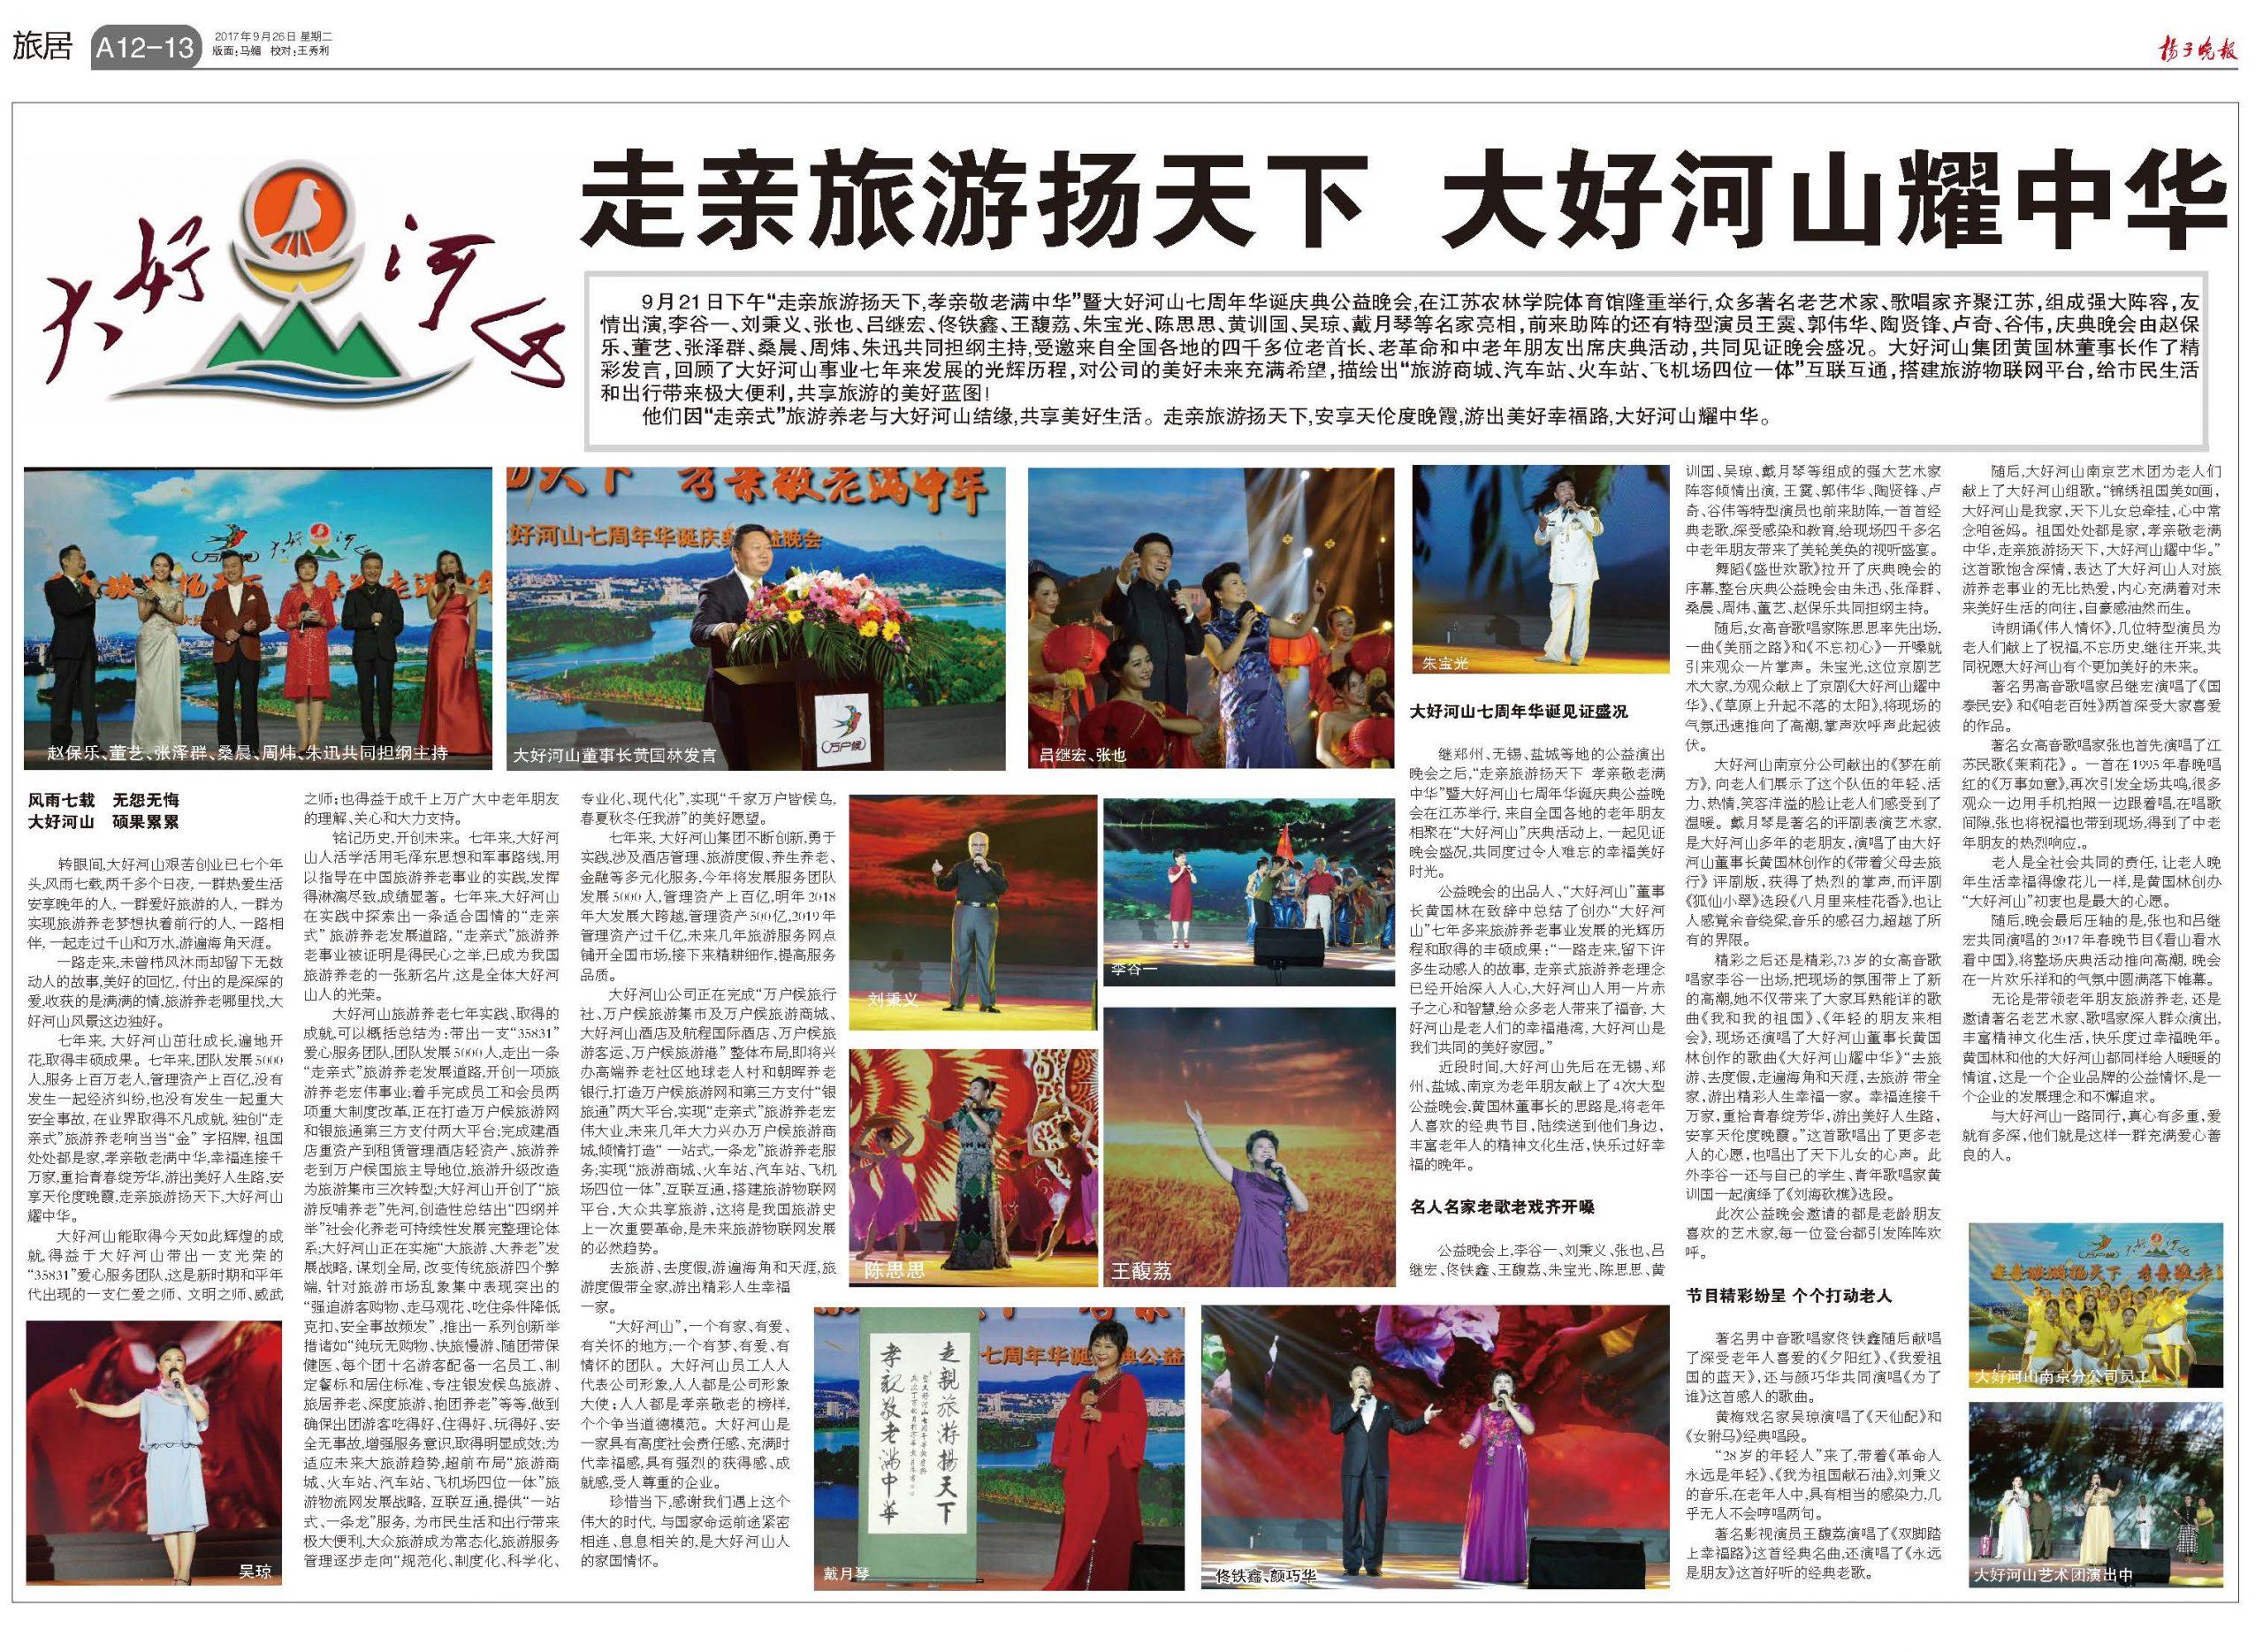 扬子晚报 2017-09-26 A12-13